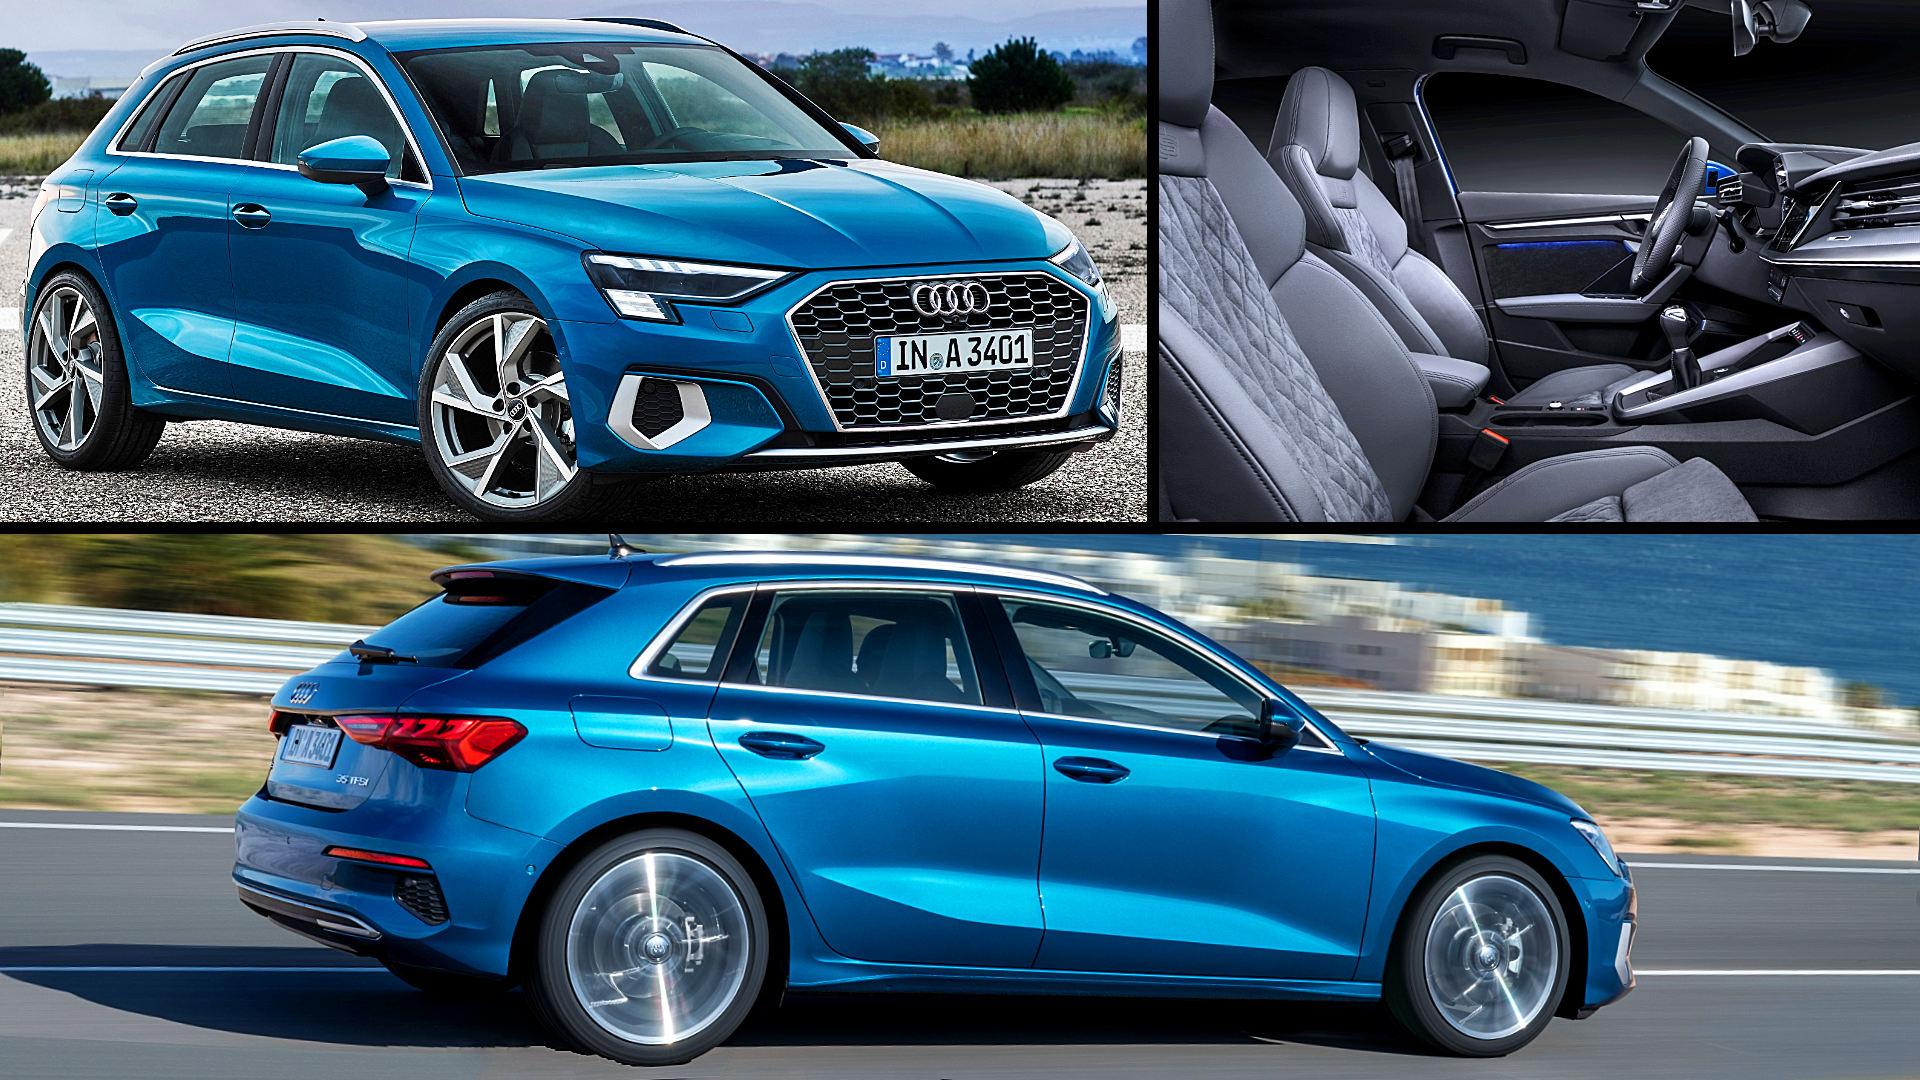 2021 Audi A3 Sportback Blue Colors Pictures